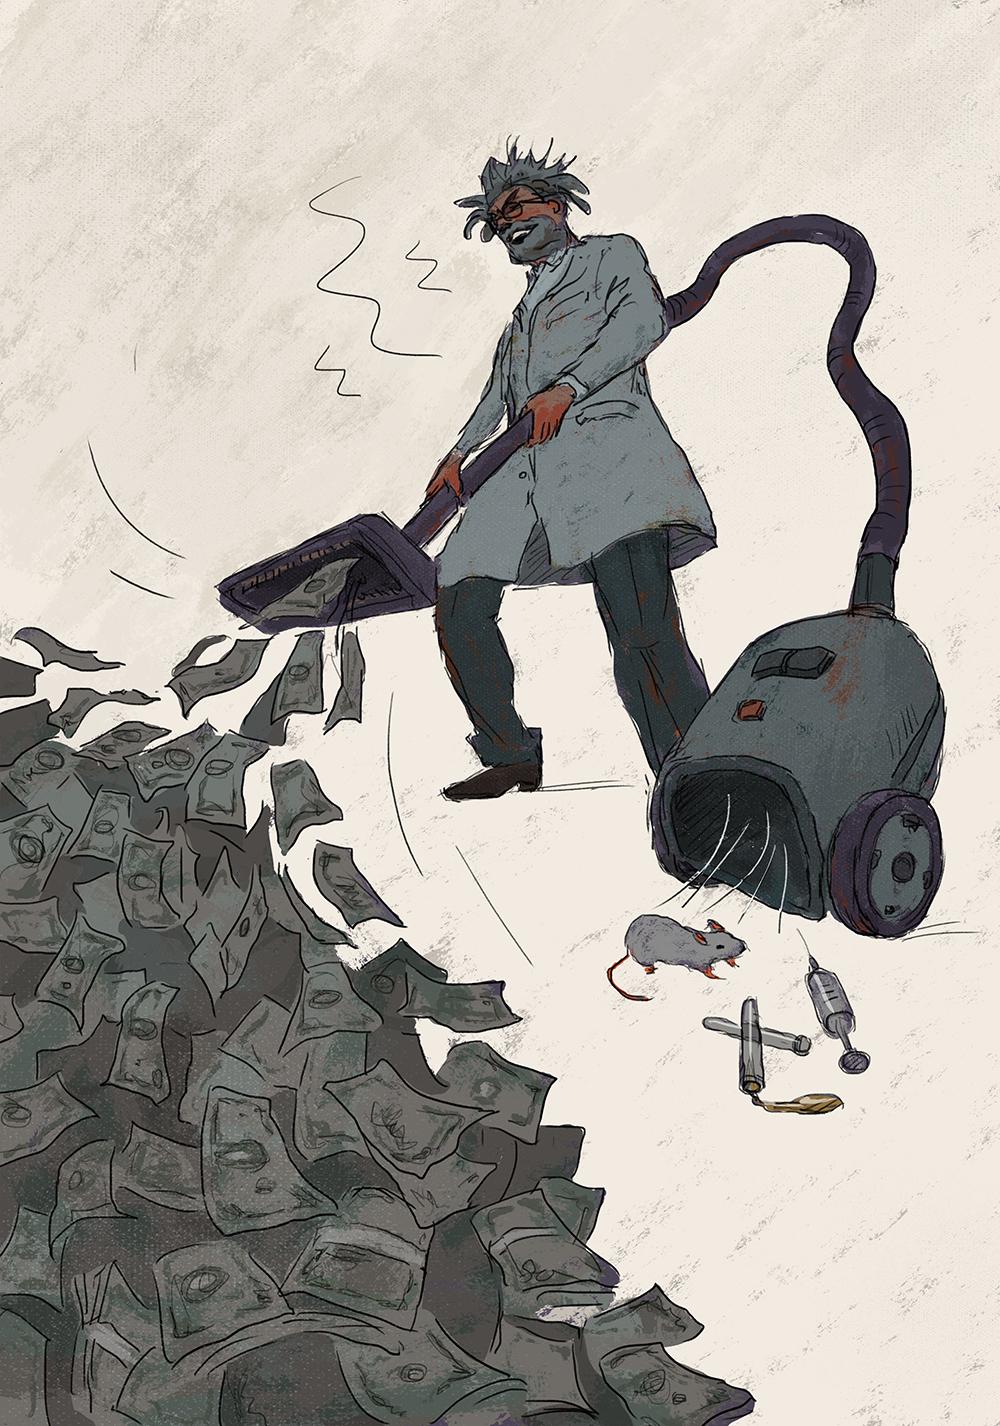 Ситуация с неясной эффективностью лекарств выгодна в короткой перспективе всем: врачи и менеджеры компаний получают свою зарплату и бонусы, пациенты включаются в исследования, где за ними лучше ухаживают, разработчики продают свои продукты крупным компаниям. Только вот в далёкой перспективе — это миллиарды долларов и время, которое было потрачено впустую на слепые попытки, основанные на иллюзии понимания процессов, происходящих в организме. Когда происходит провал, разработчики разводят руками и говорят: «Что же вы хотели? Это наука».